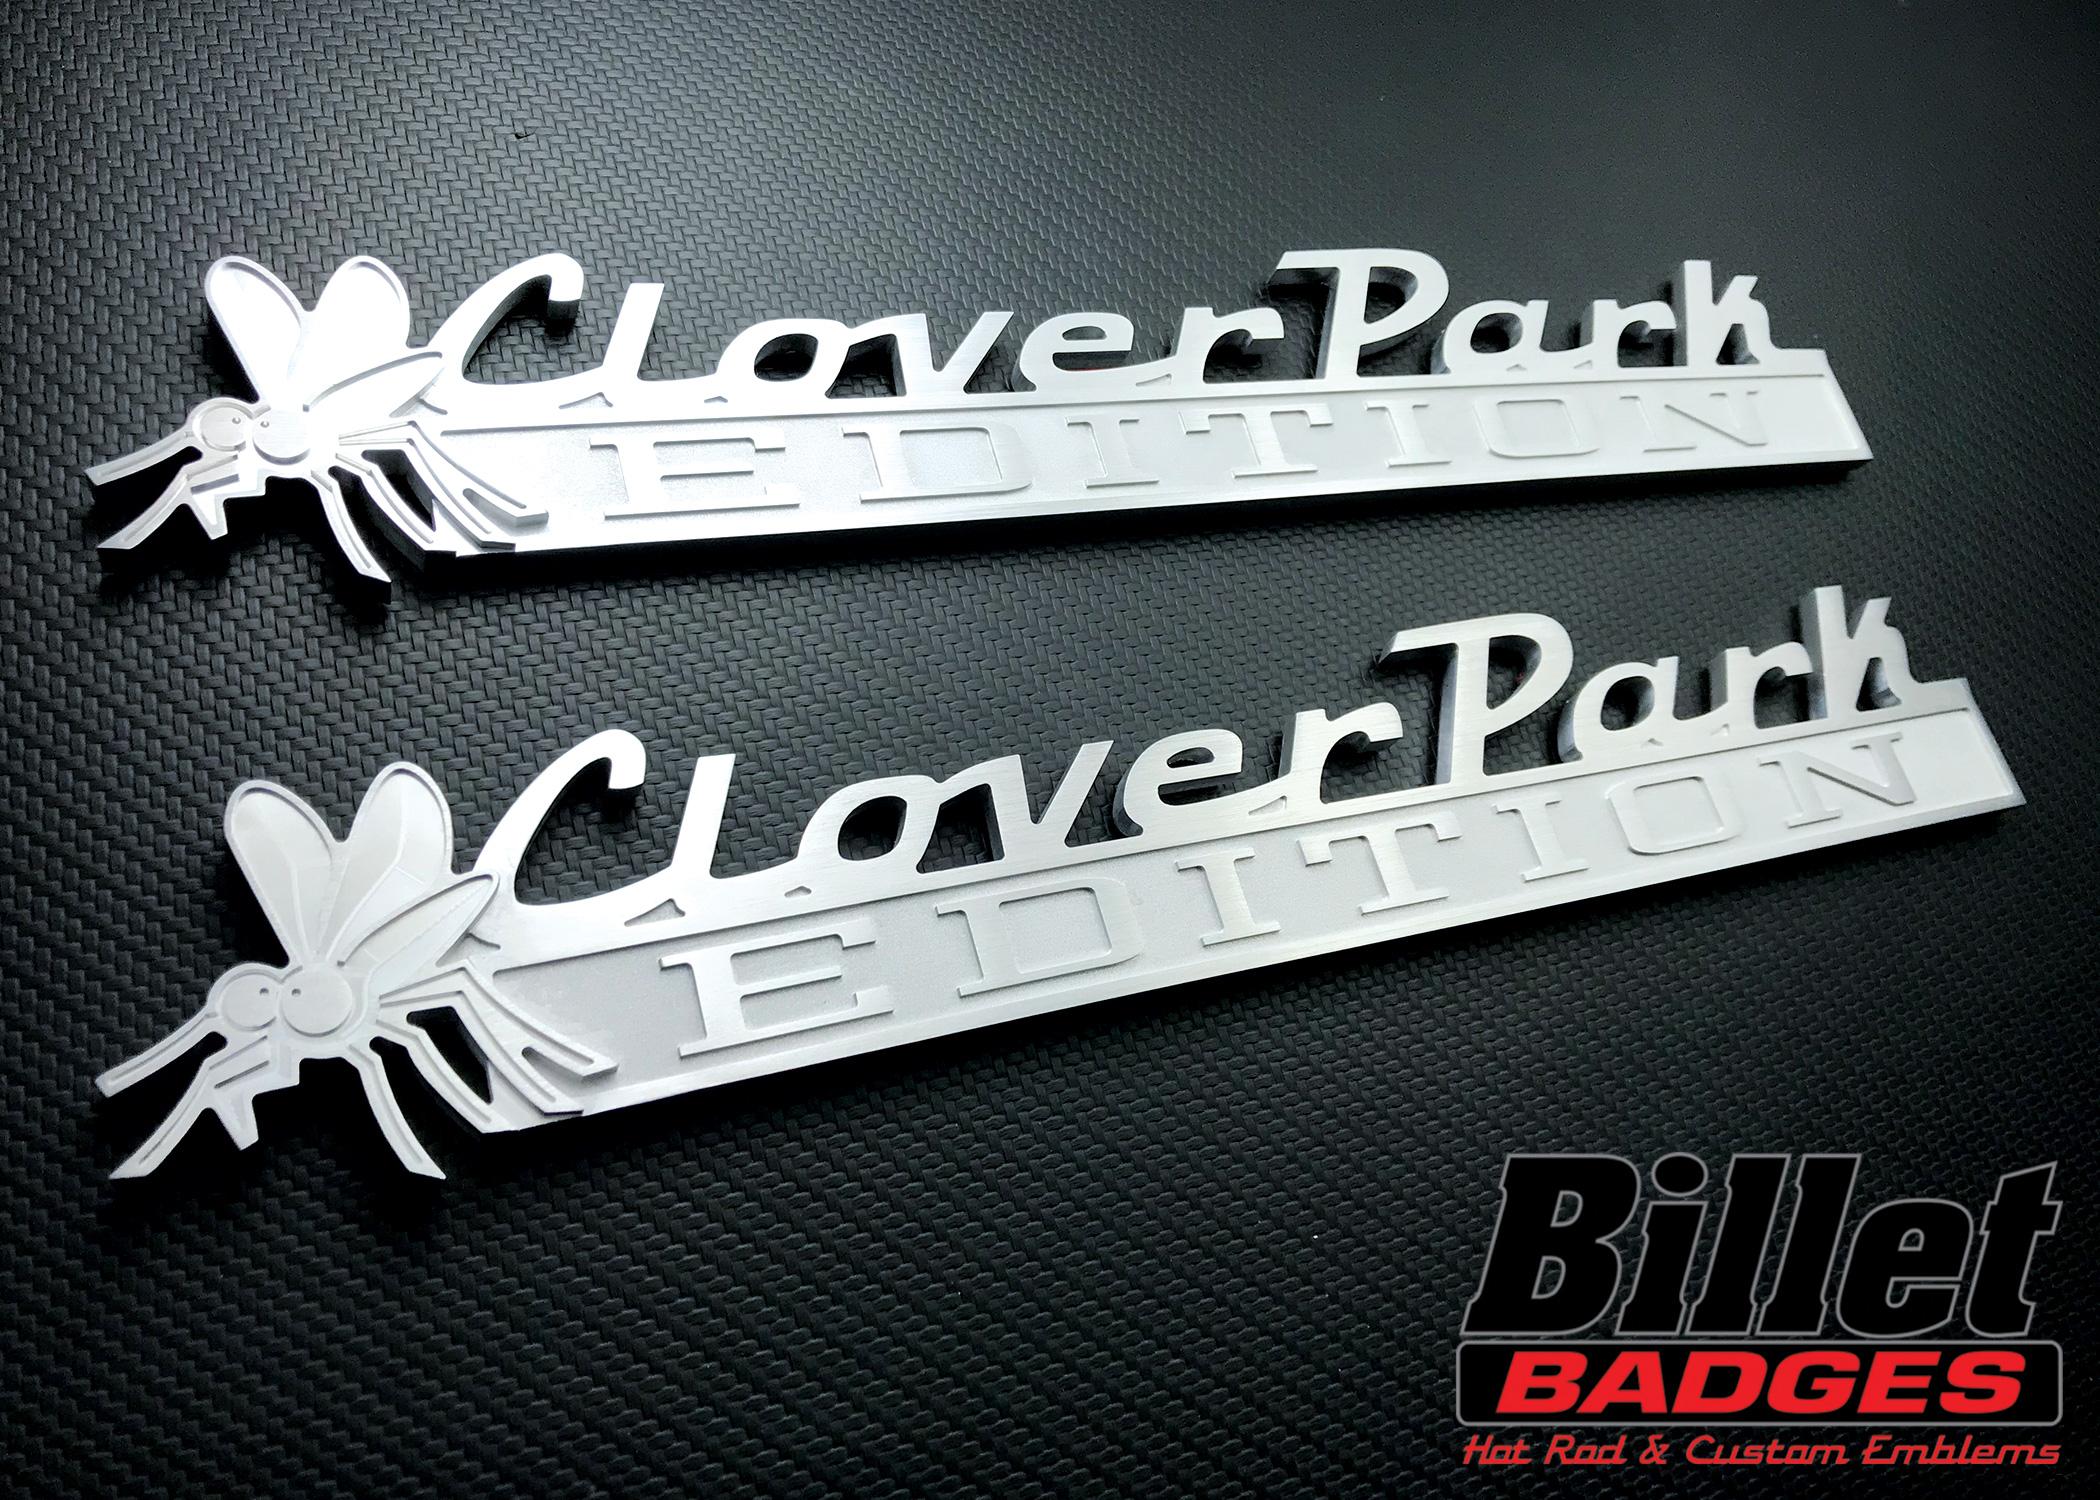 Clover Park Edition